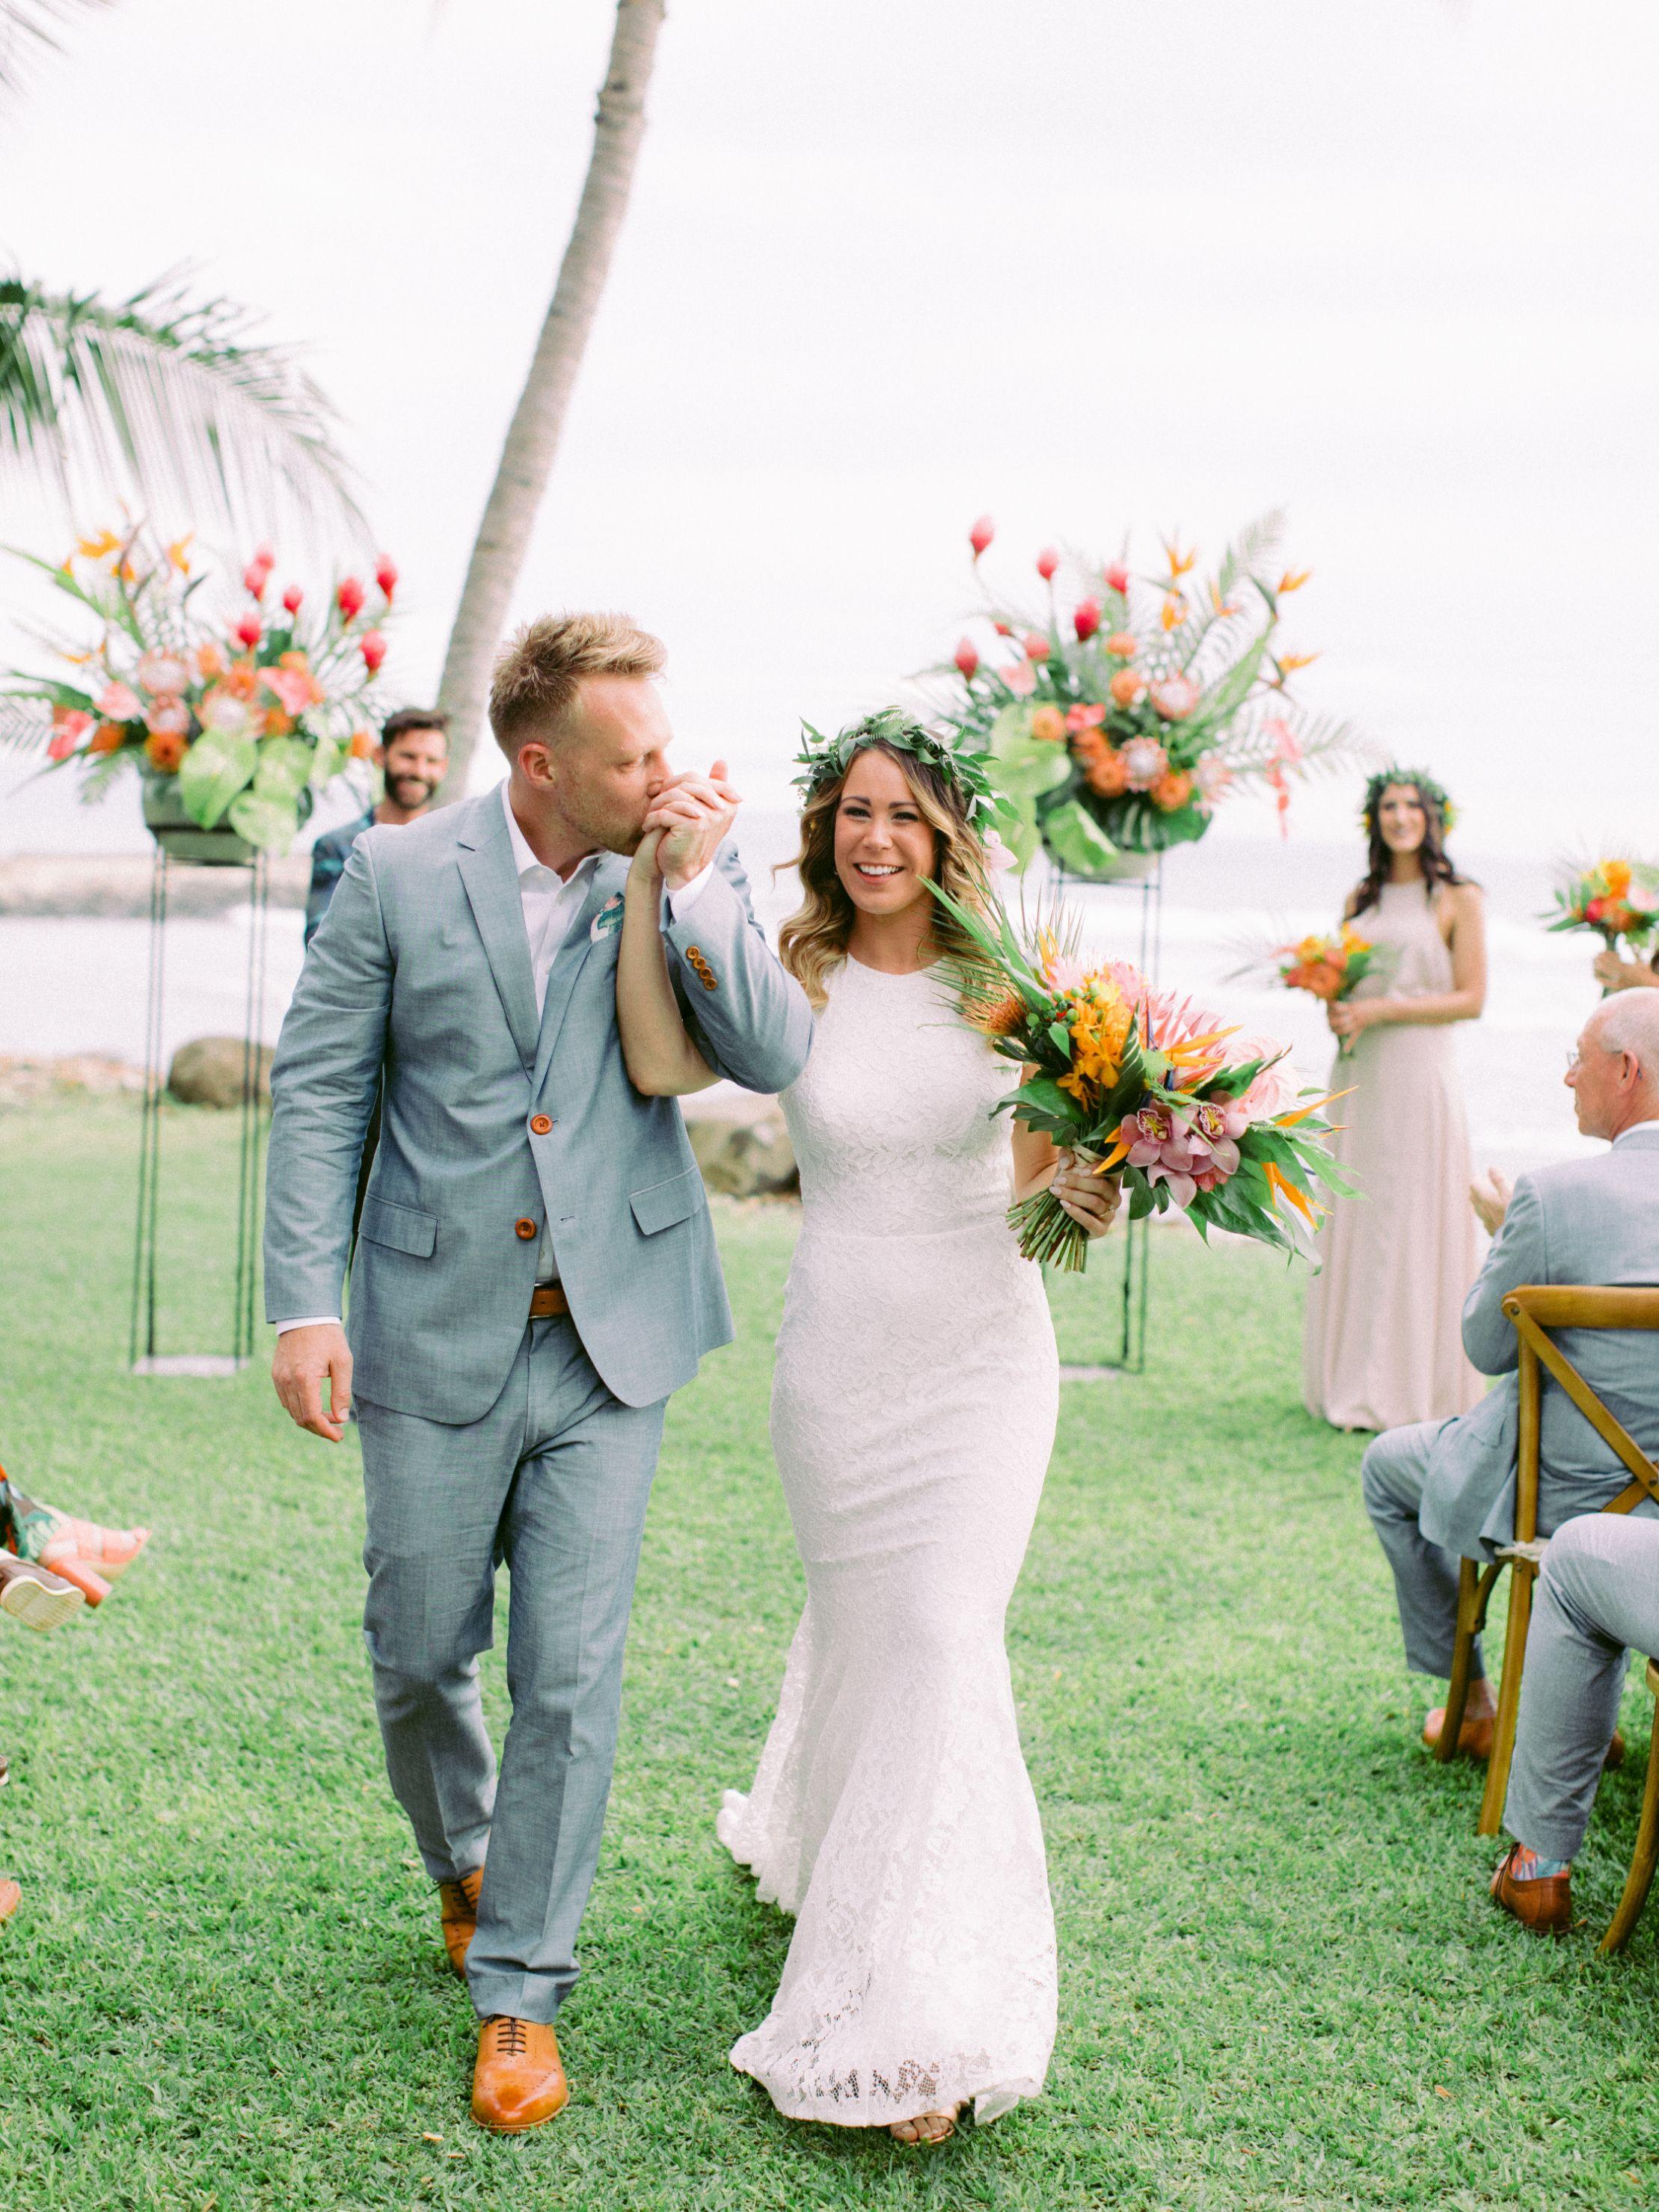 Chris-J-Evans-maui-wedding-JA2152.jpg